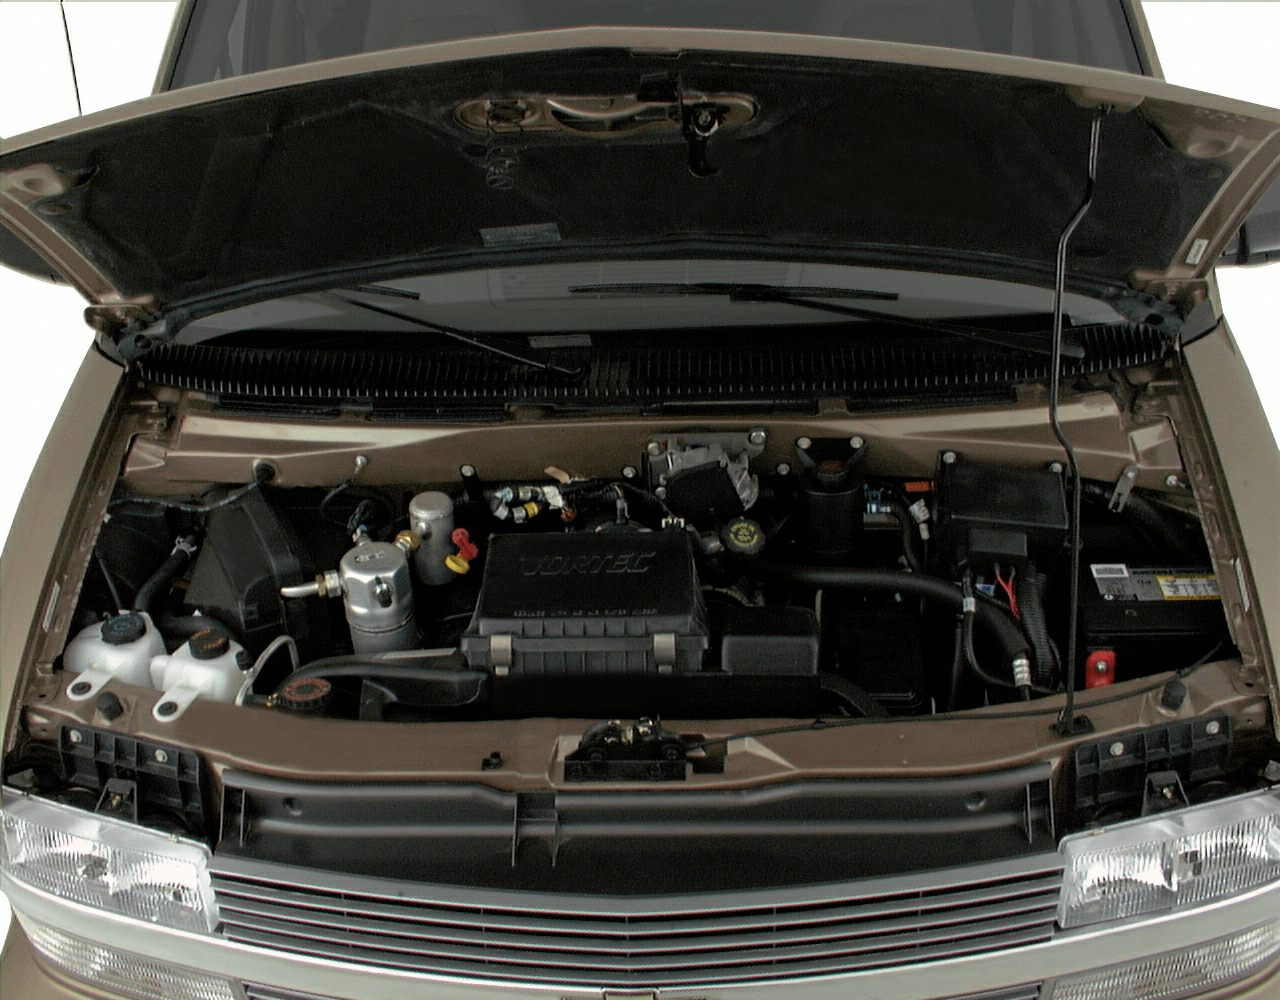 2000 Chevrolet Astro Exterior Photo